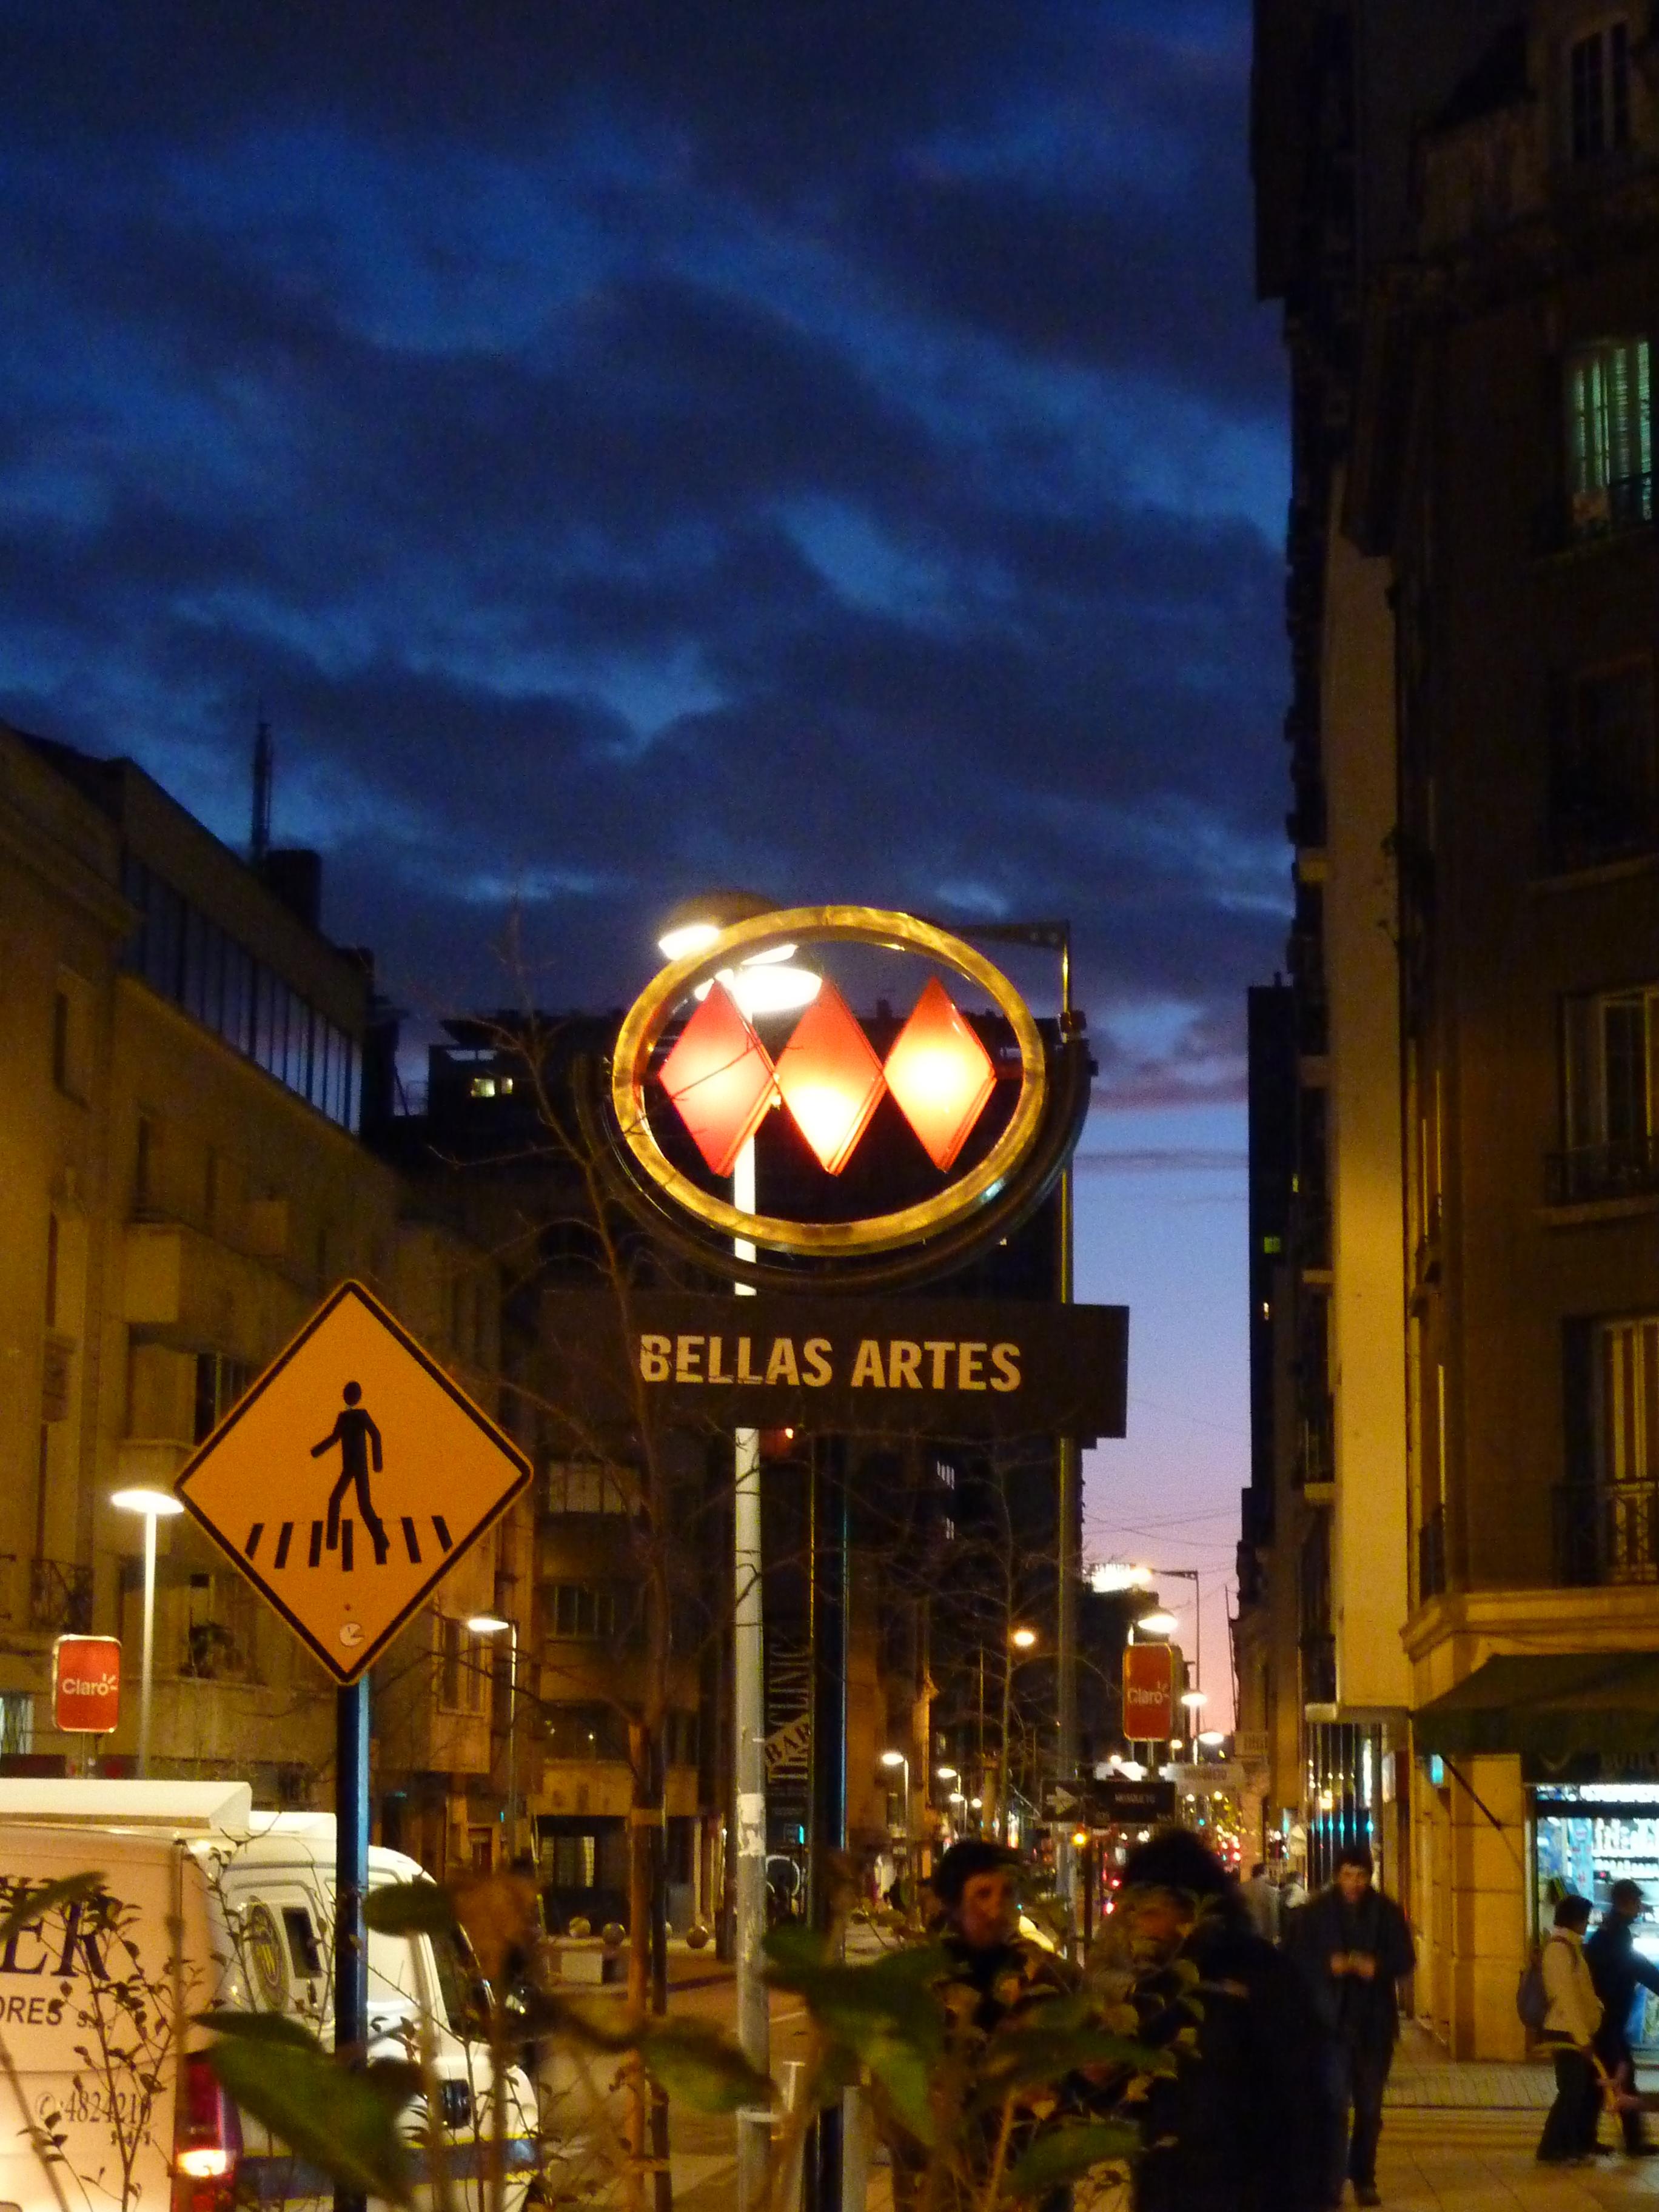 Description Chile - Metro Bellas Artes.jpg